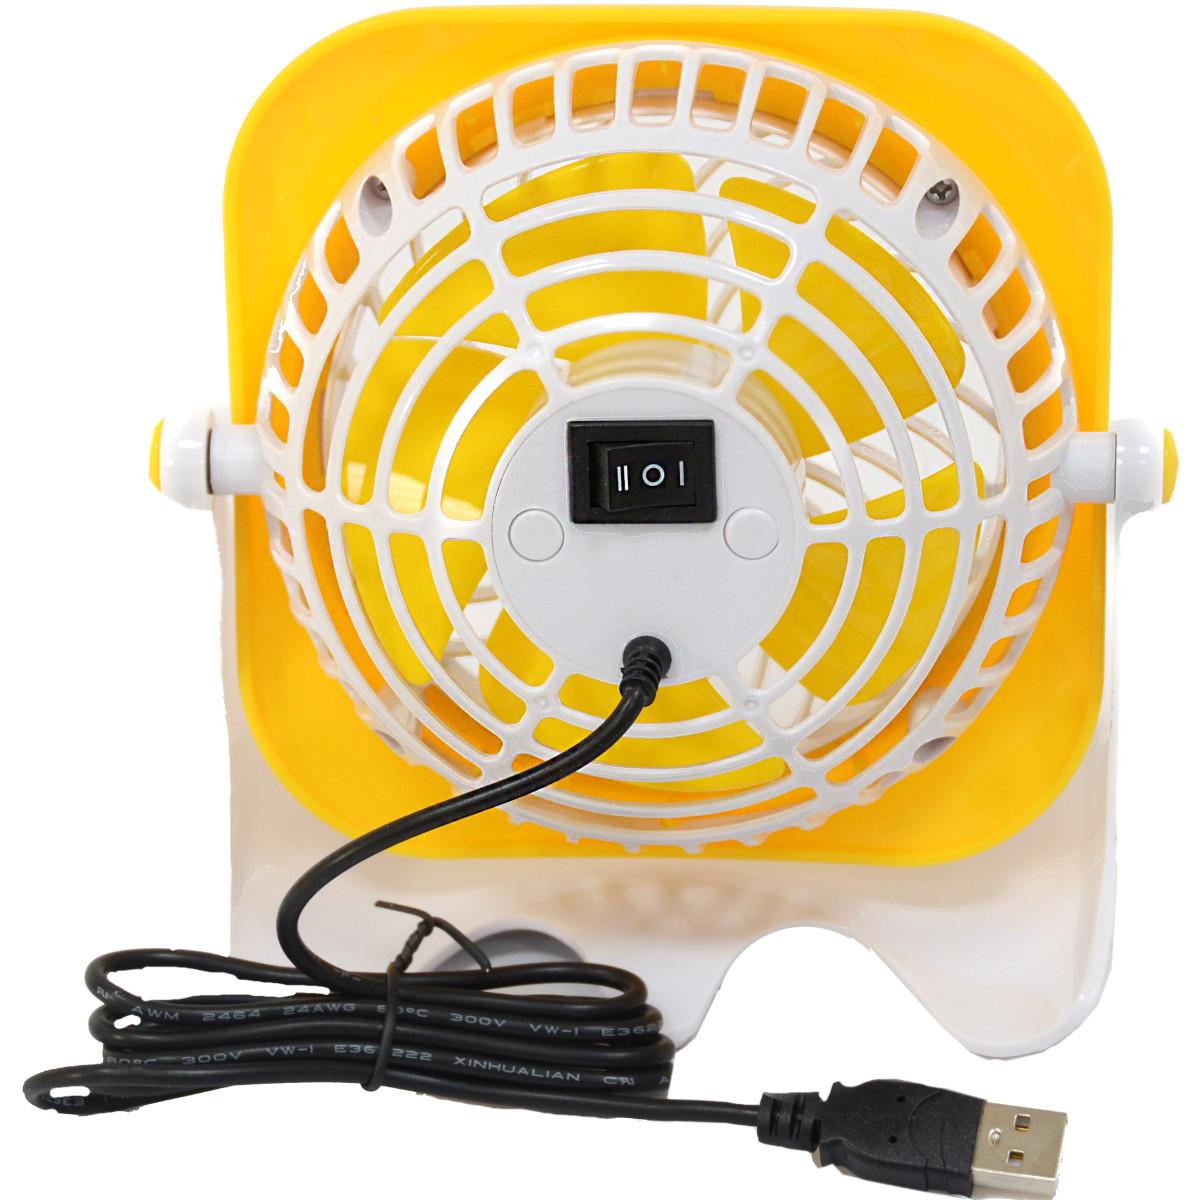 Вентилятор настольный мини USB Equation 3W 10см желтый